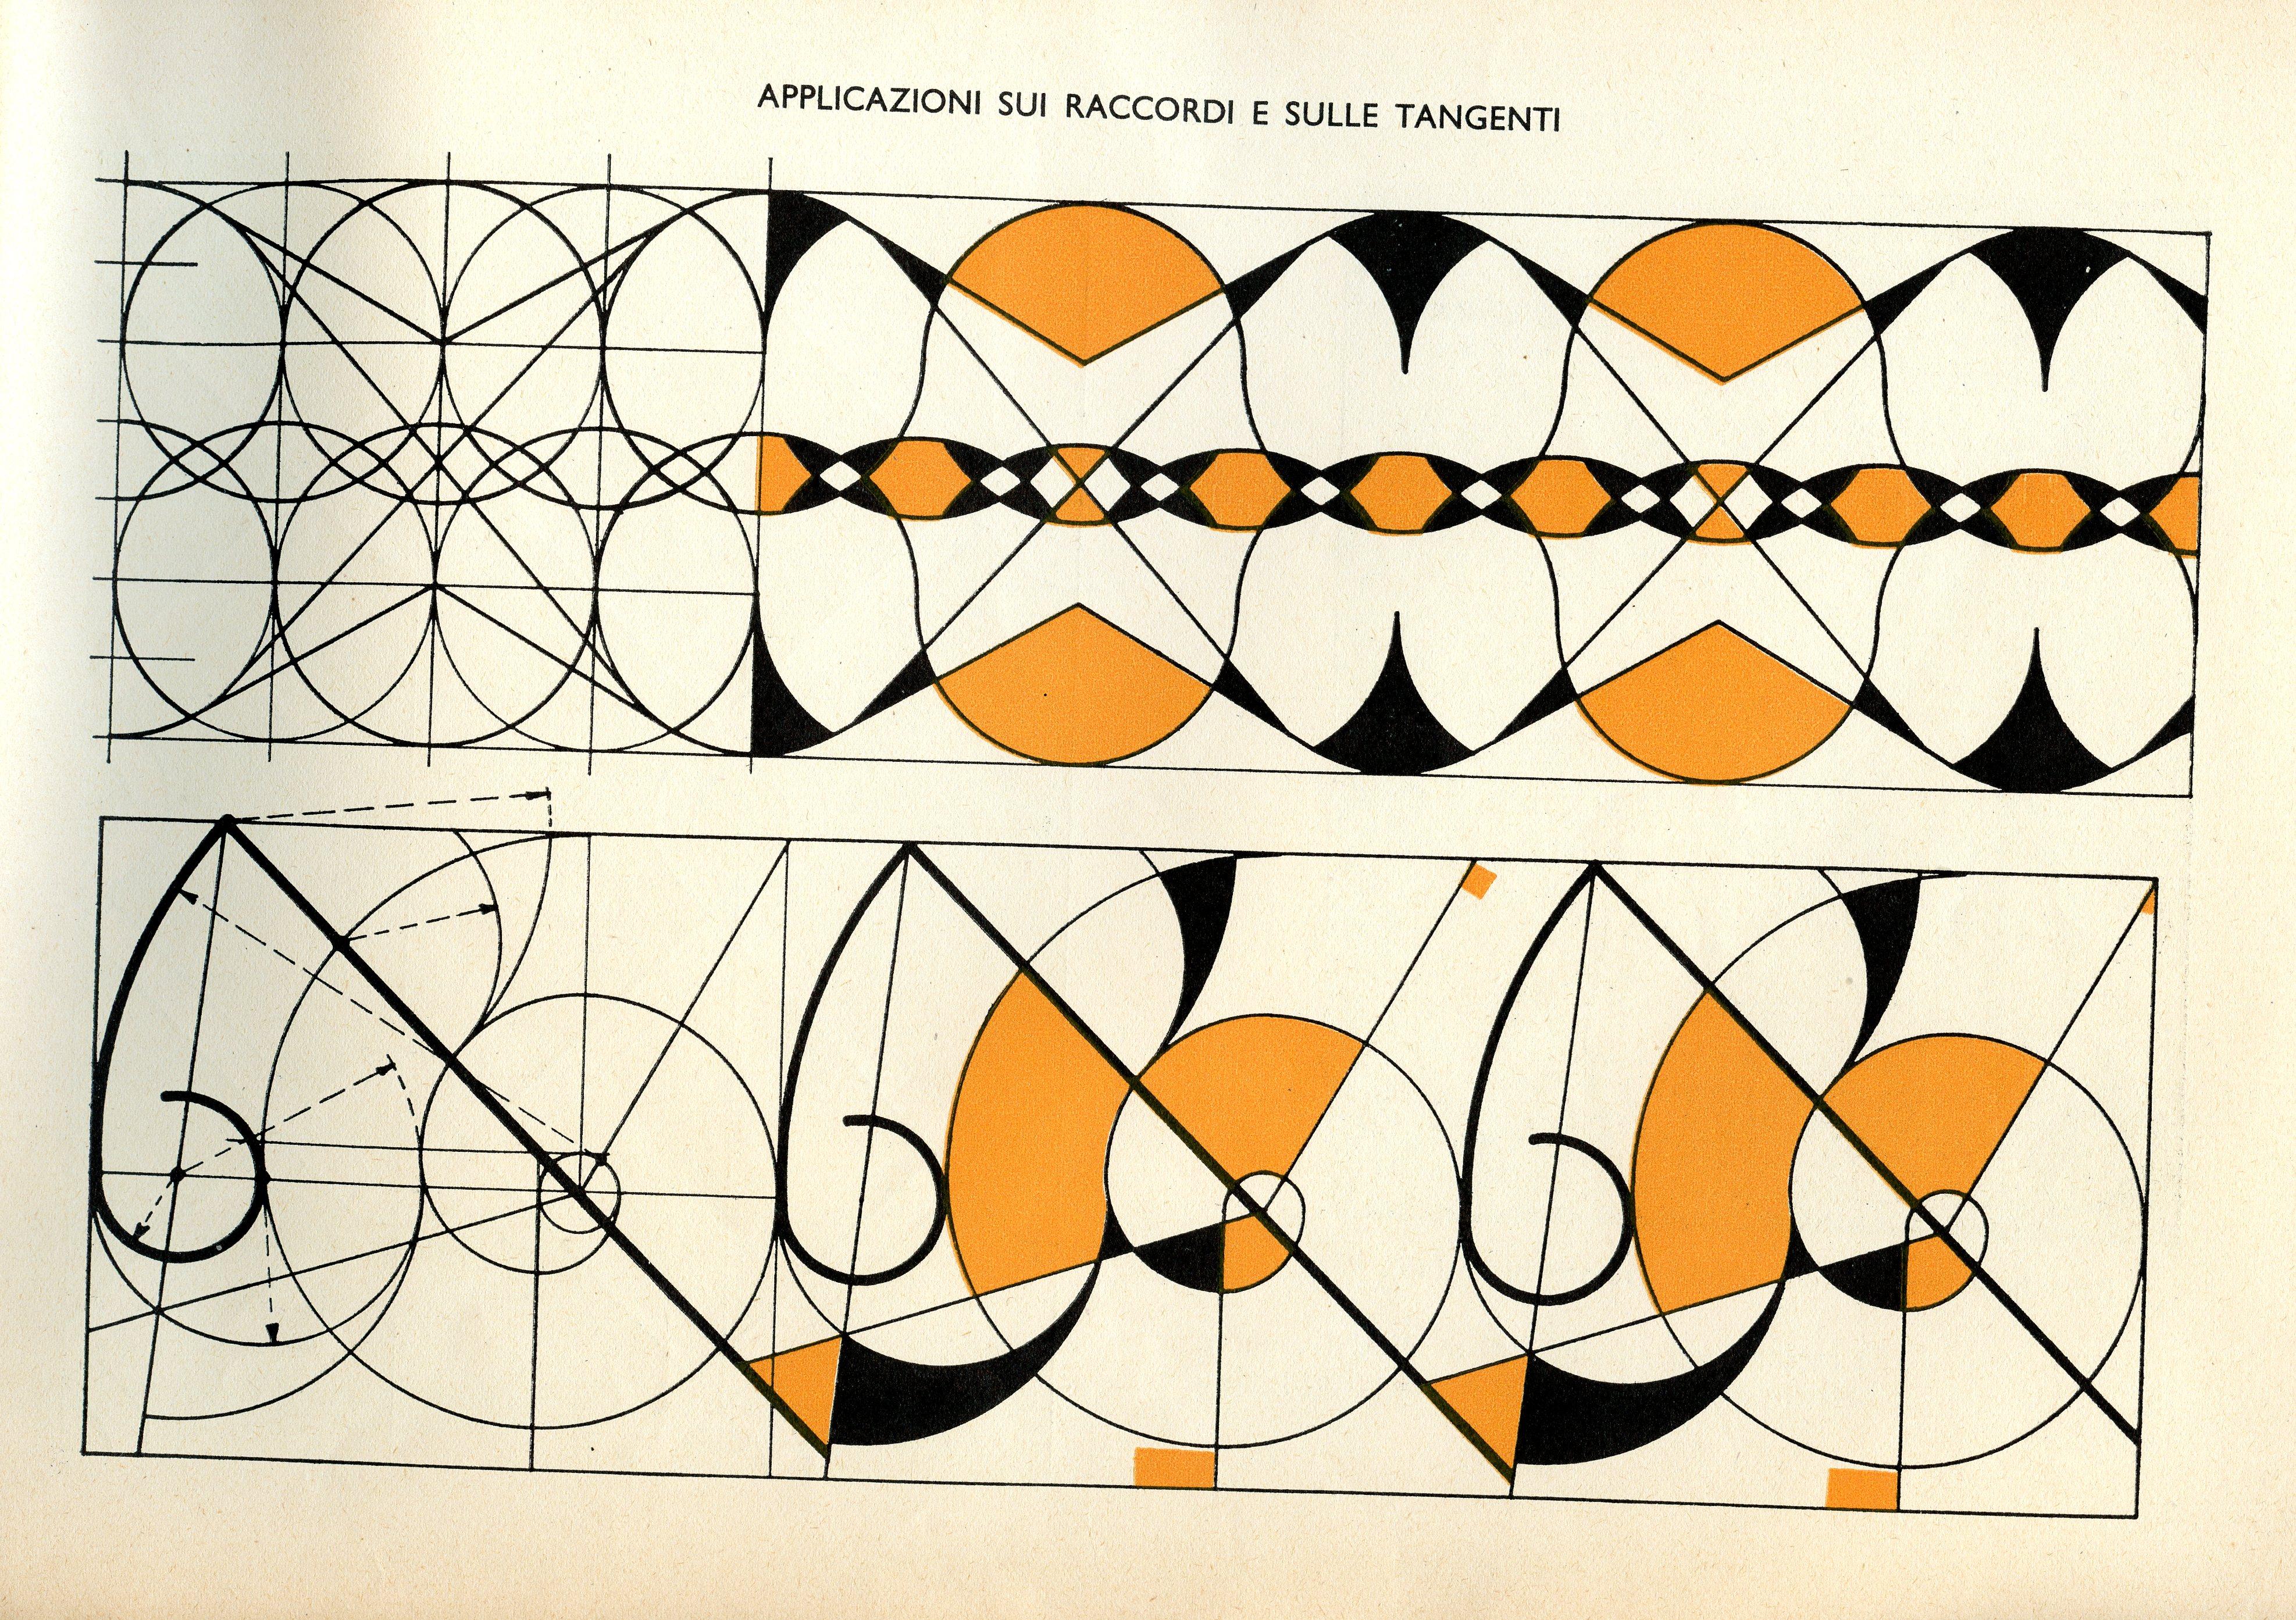 Disegno O Arte E Immagine Beatrice Giannoni Fare Decorazione